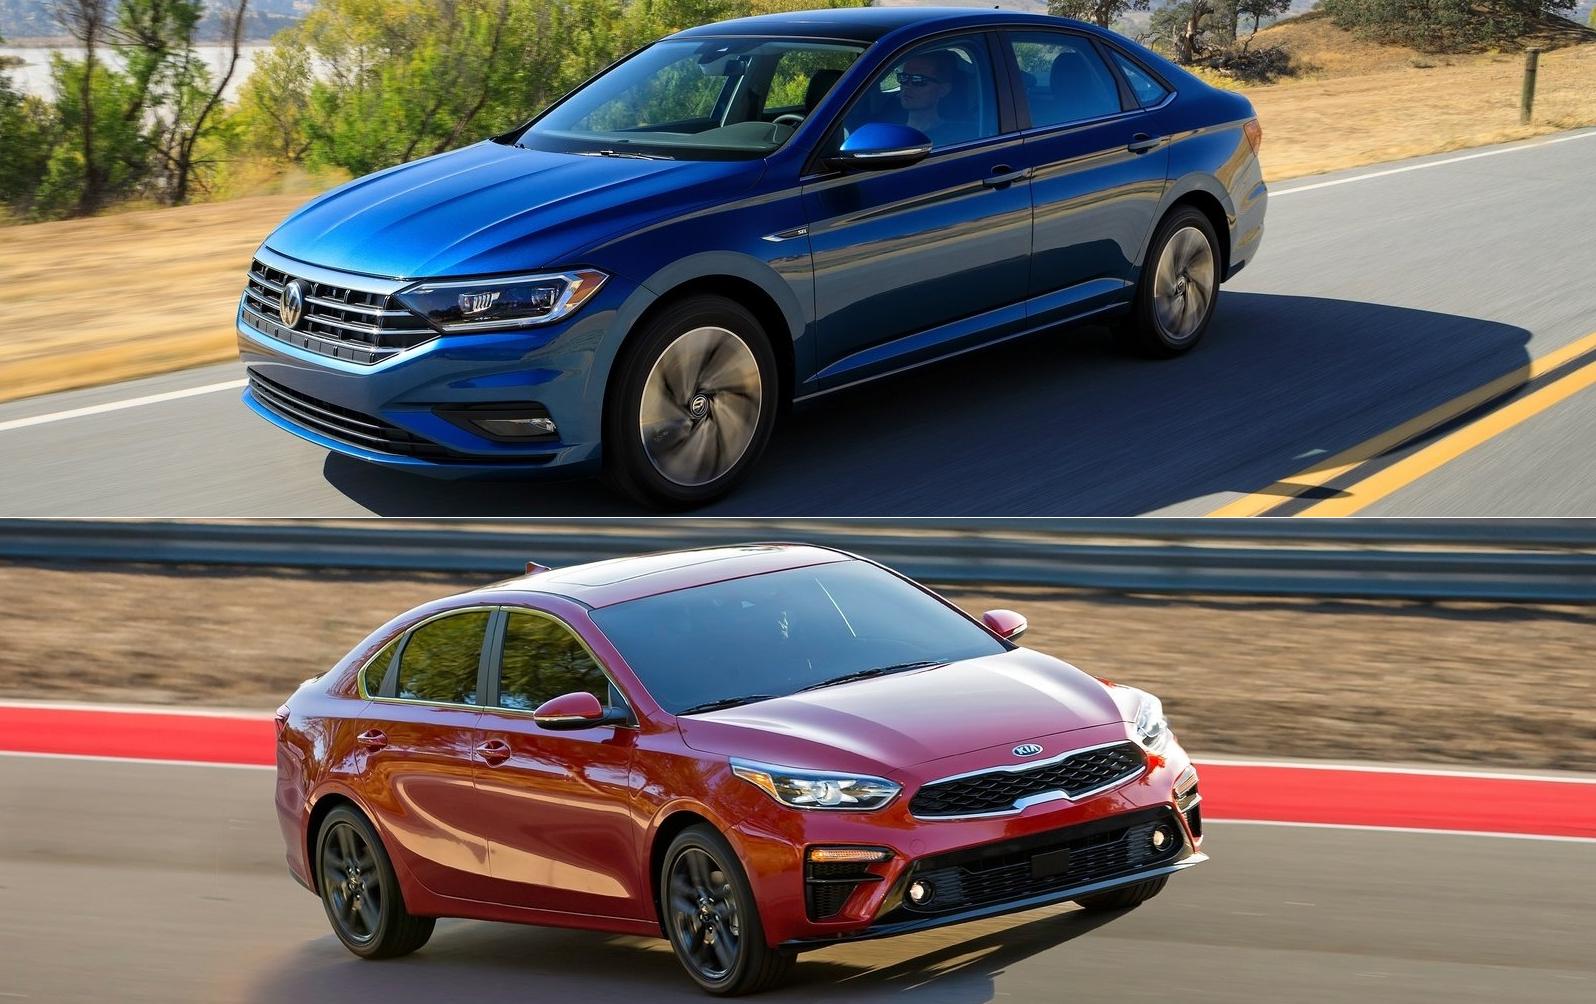 Volkswagen Jetta 2019 Vs Kia Forte 2019 Quien Es Quien De Estos